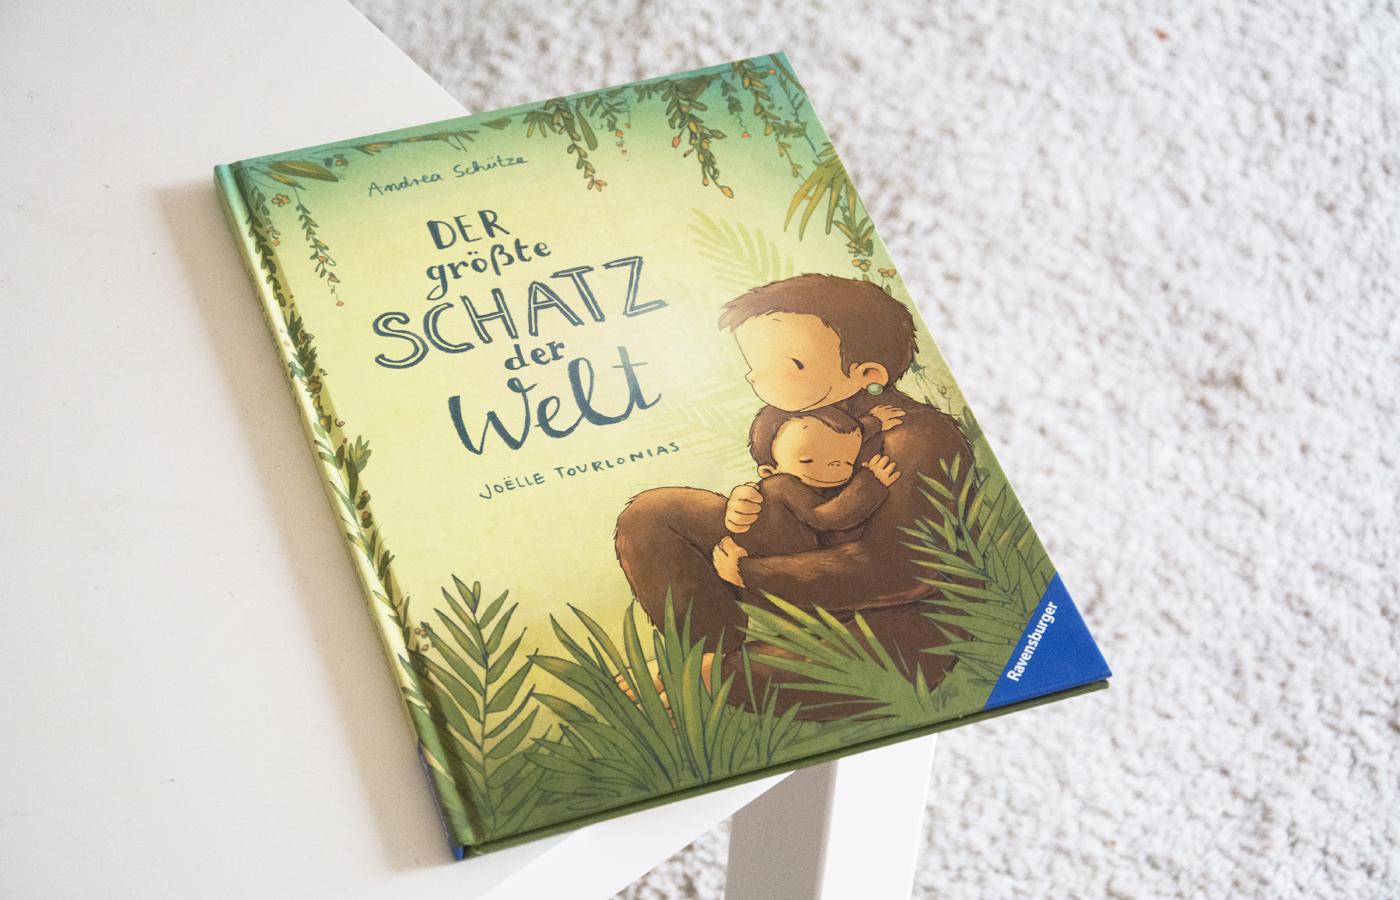 »Der größte Schatz der Welt« von Andrea Schütze & Joëlle Tourlonias